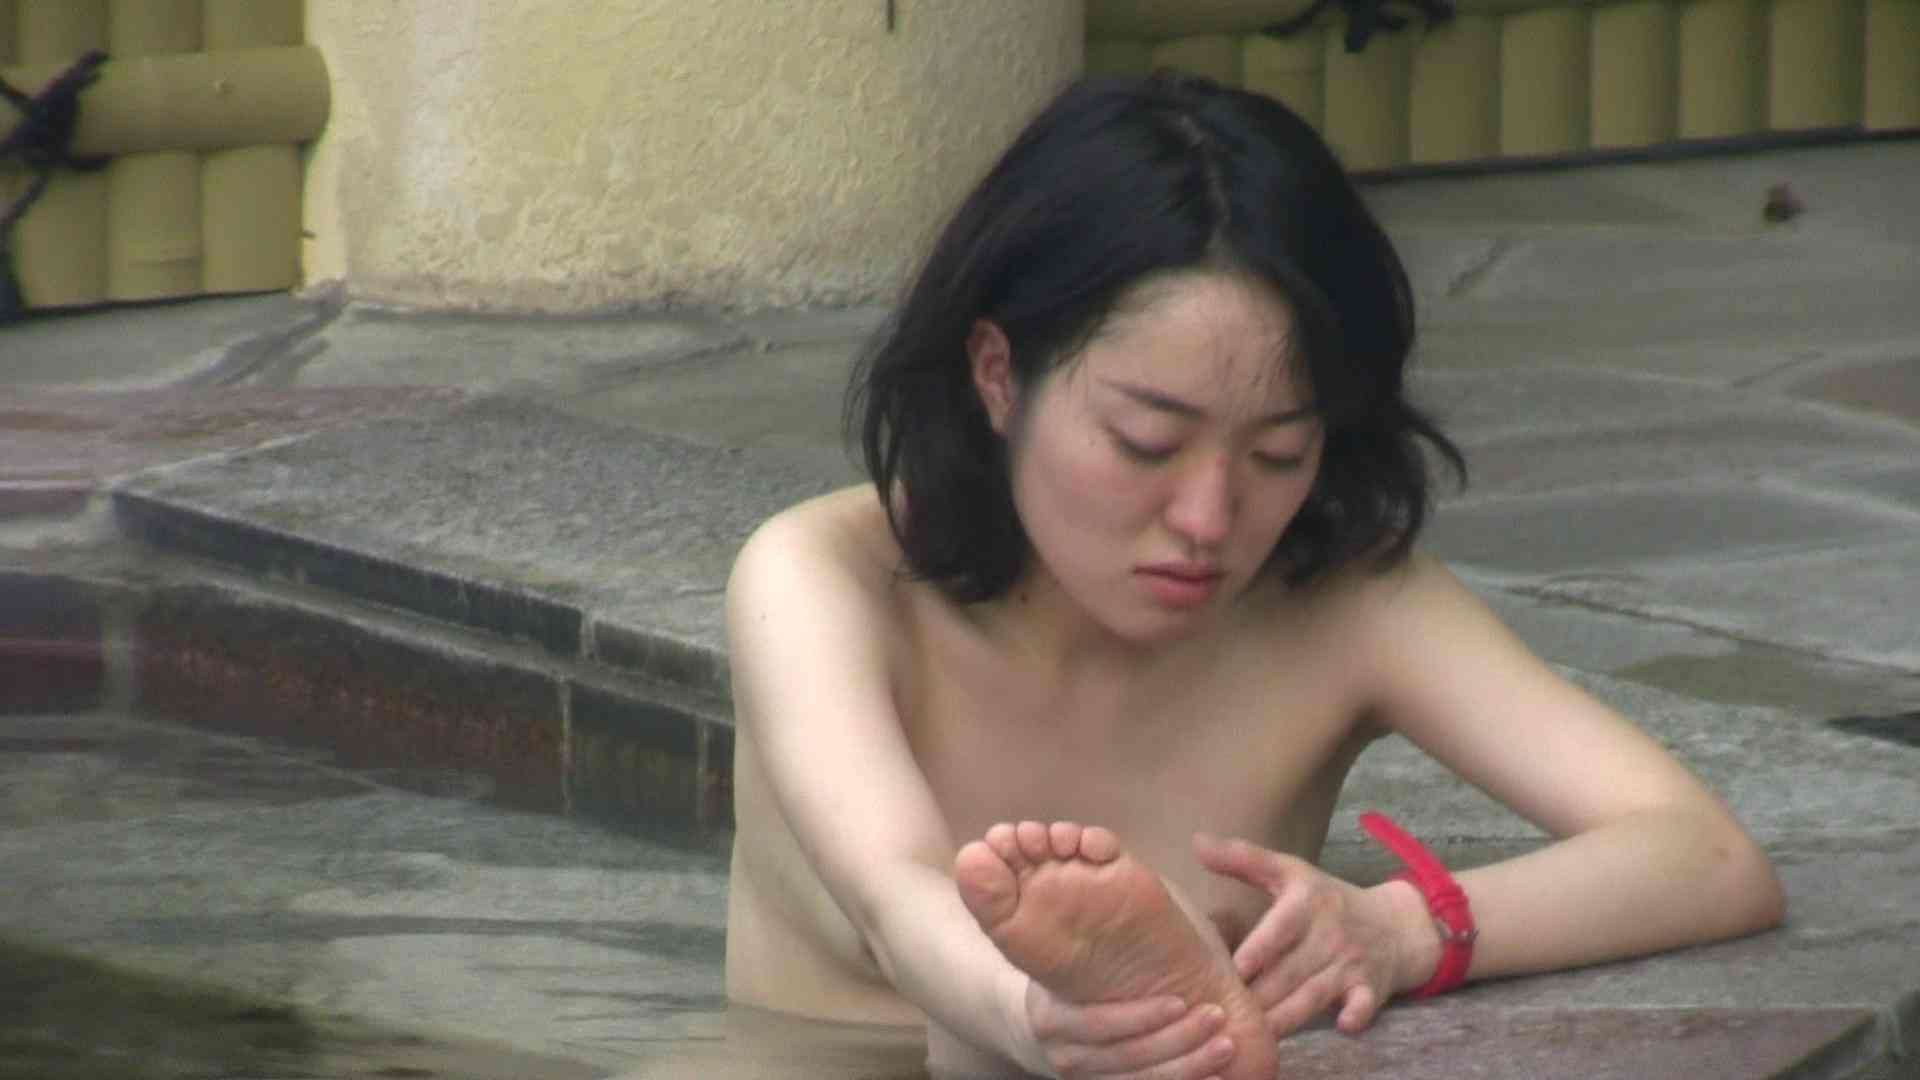 Aquaな露天風呂Vol.681 盗撮 盗撮動画紹介 98画像 17